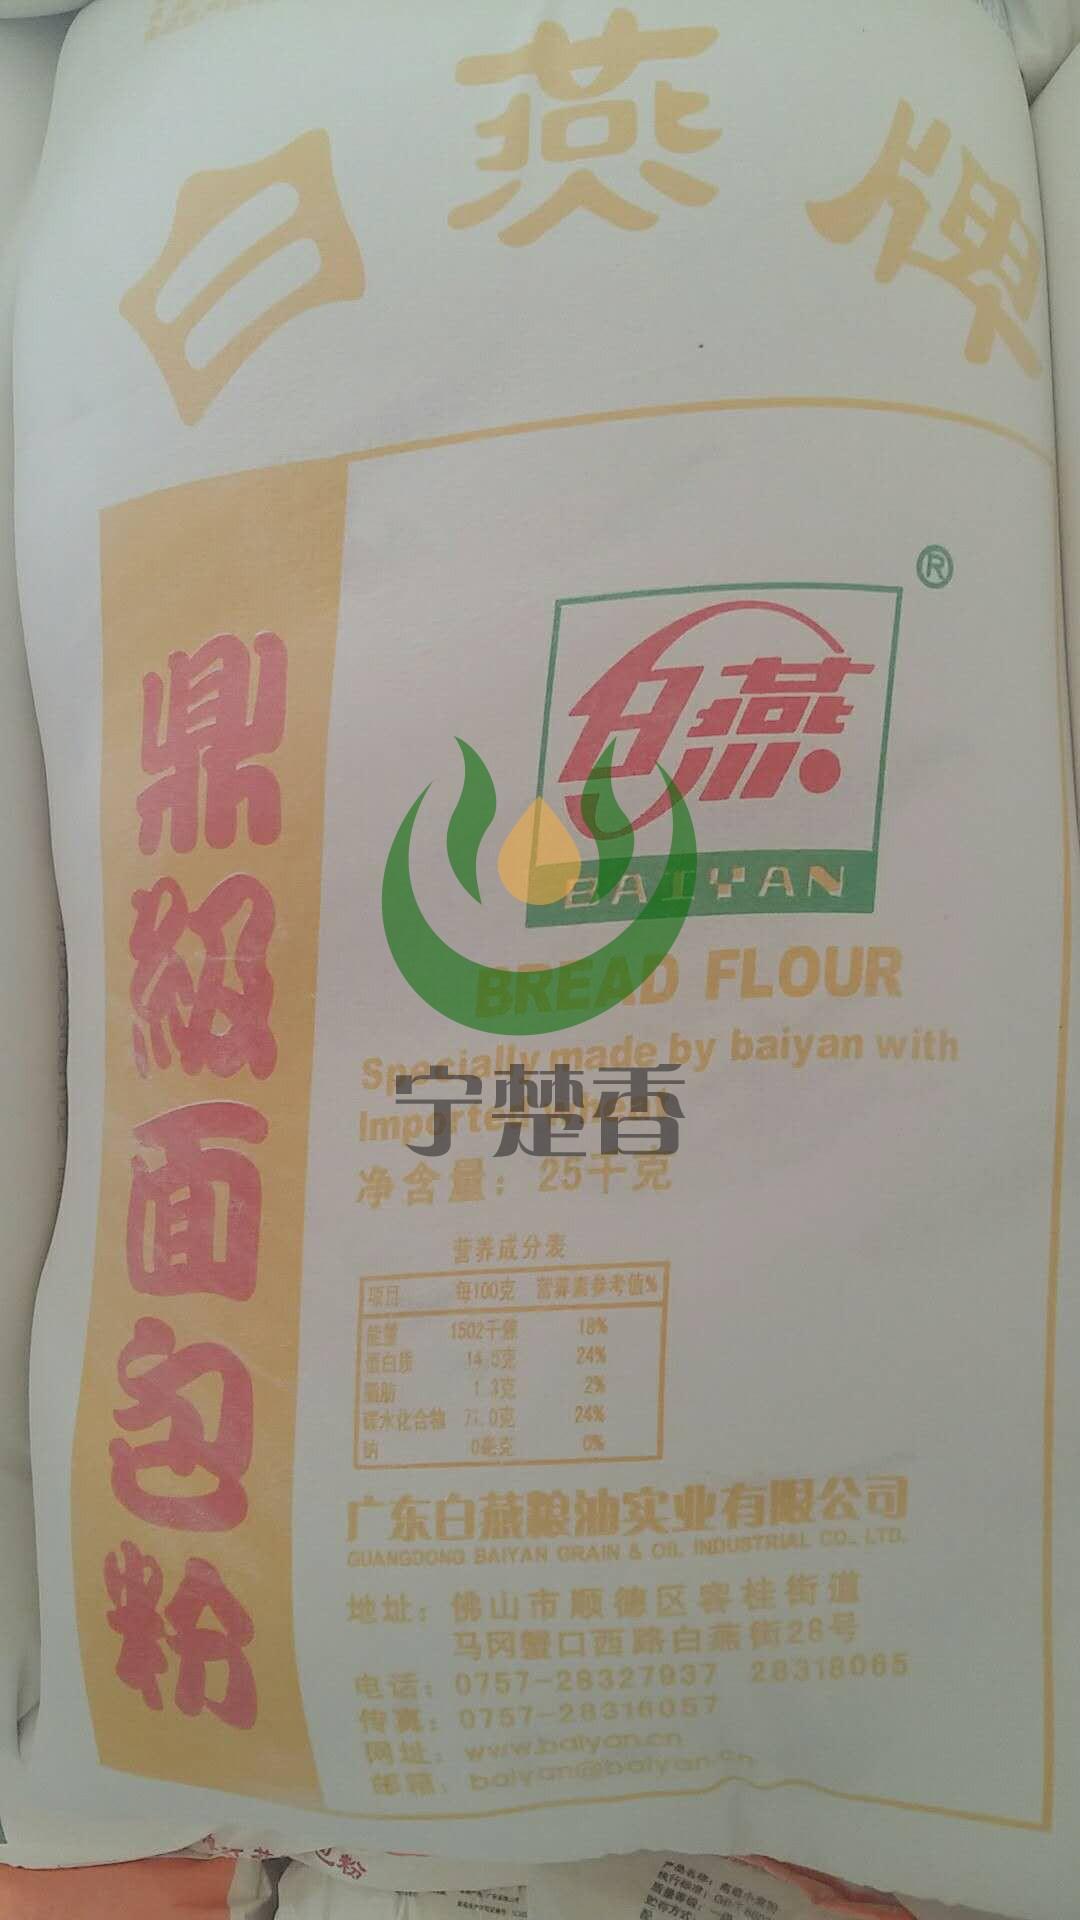 【白燕鼎级面包粉】烘焙精选高筋面粉【25KG】广东包邮省外低邮费,可领取元淘宝优惠券